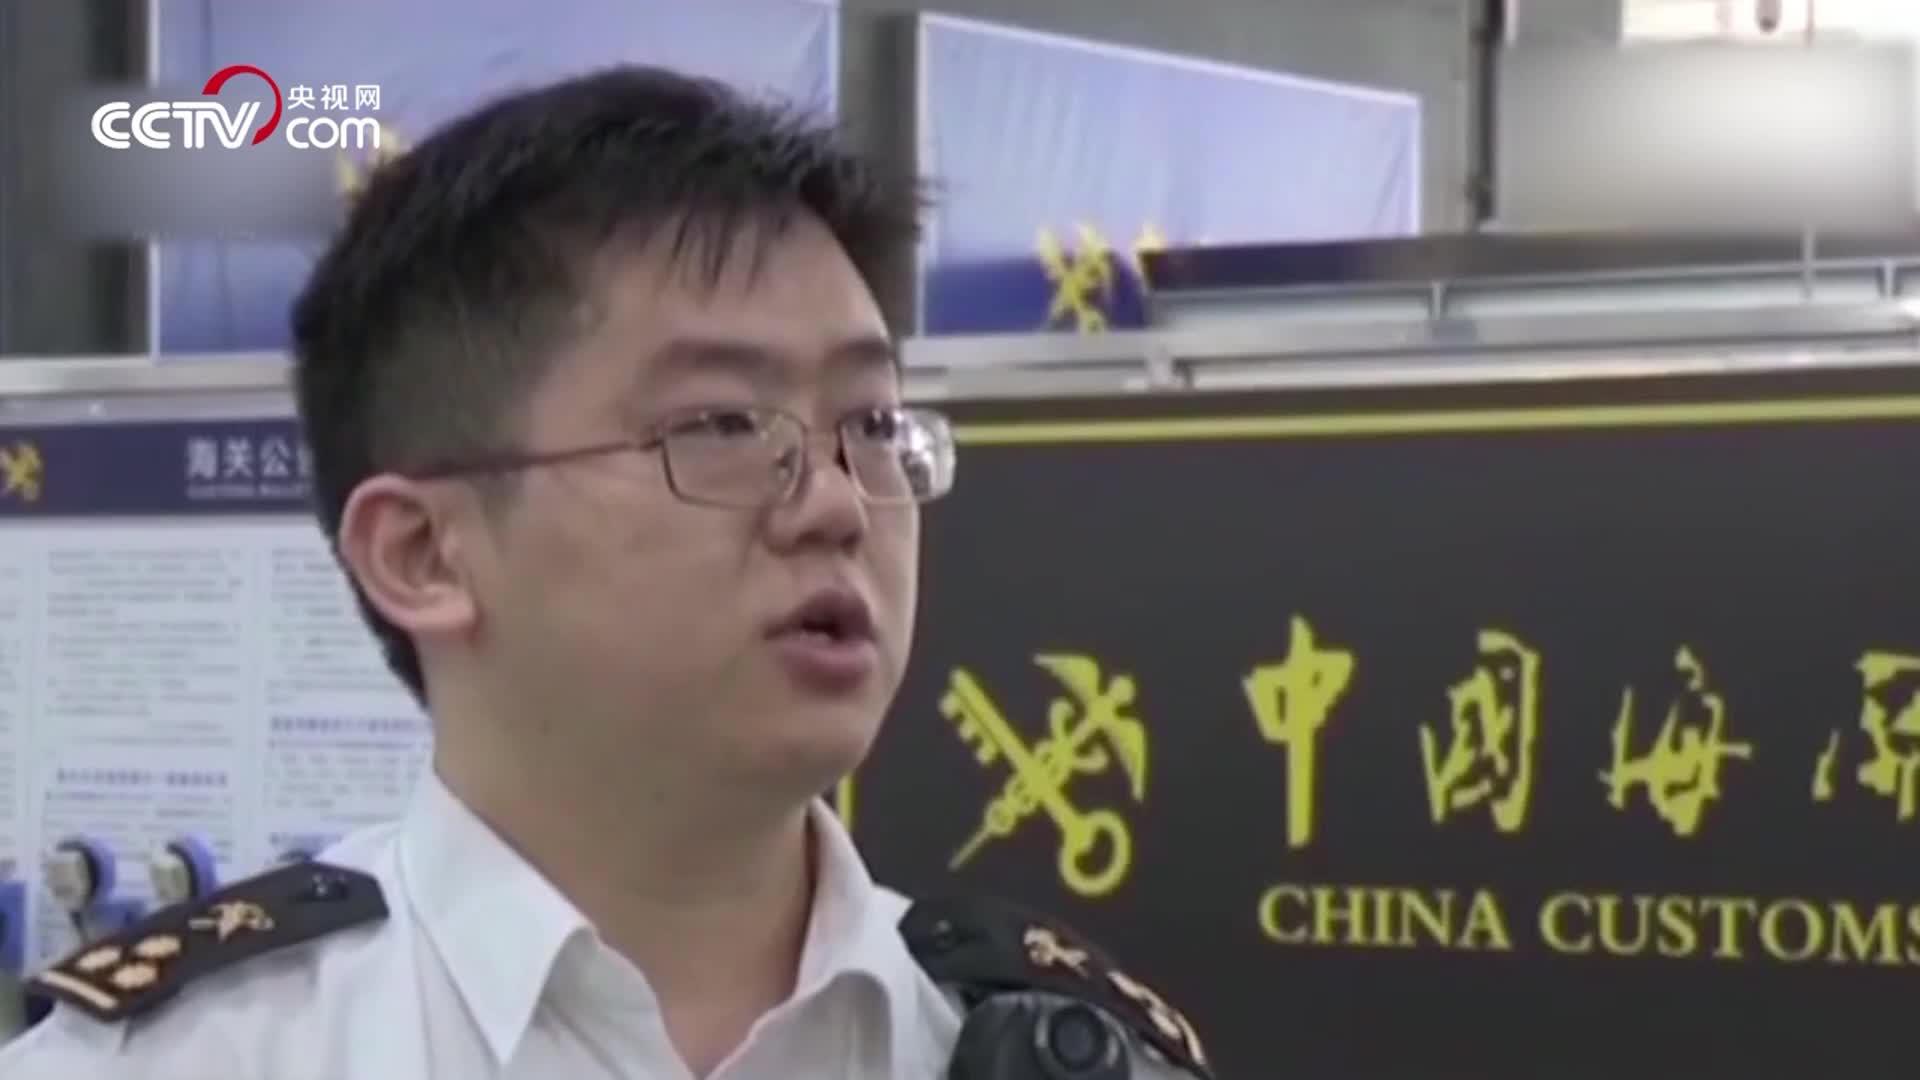 香港男子轮椅内夹藏324部苹果手机入境 被深圳海关查获